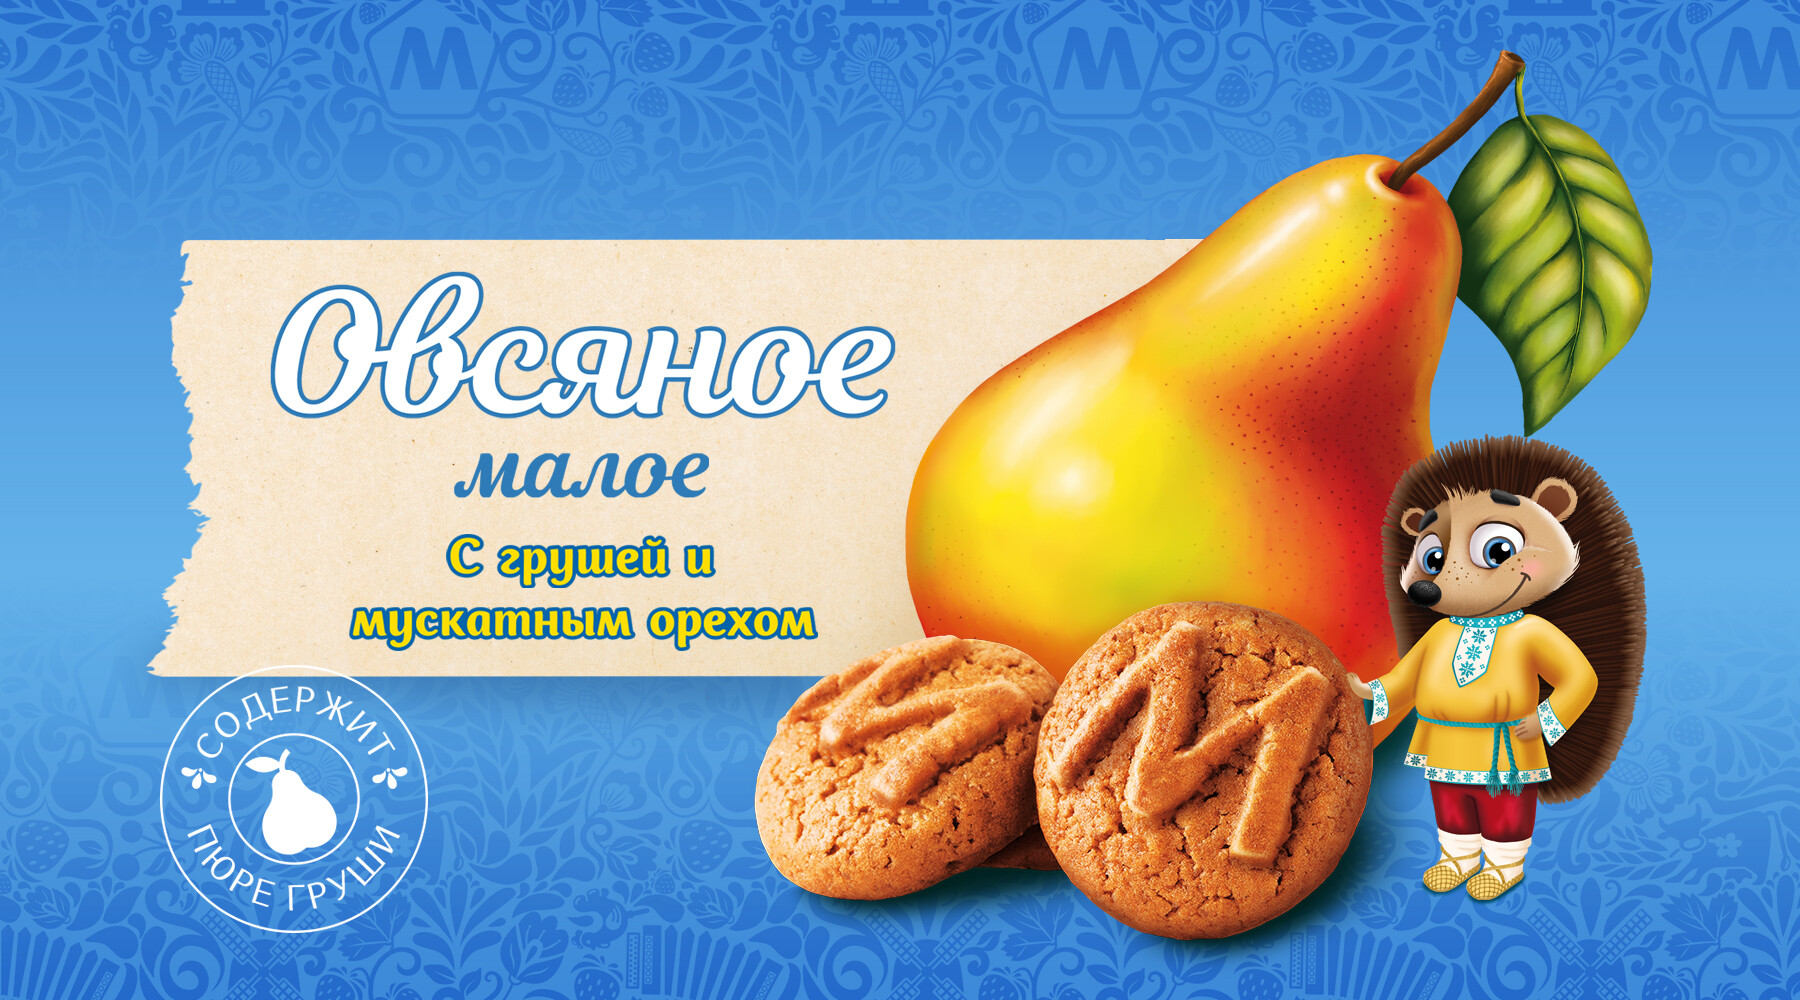 Новинка! «Овсяное» с грушей и мускатным орехом